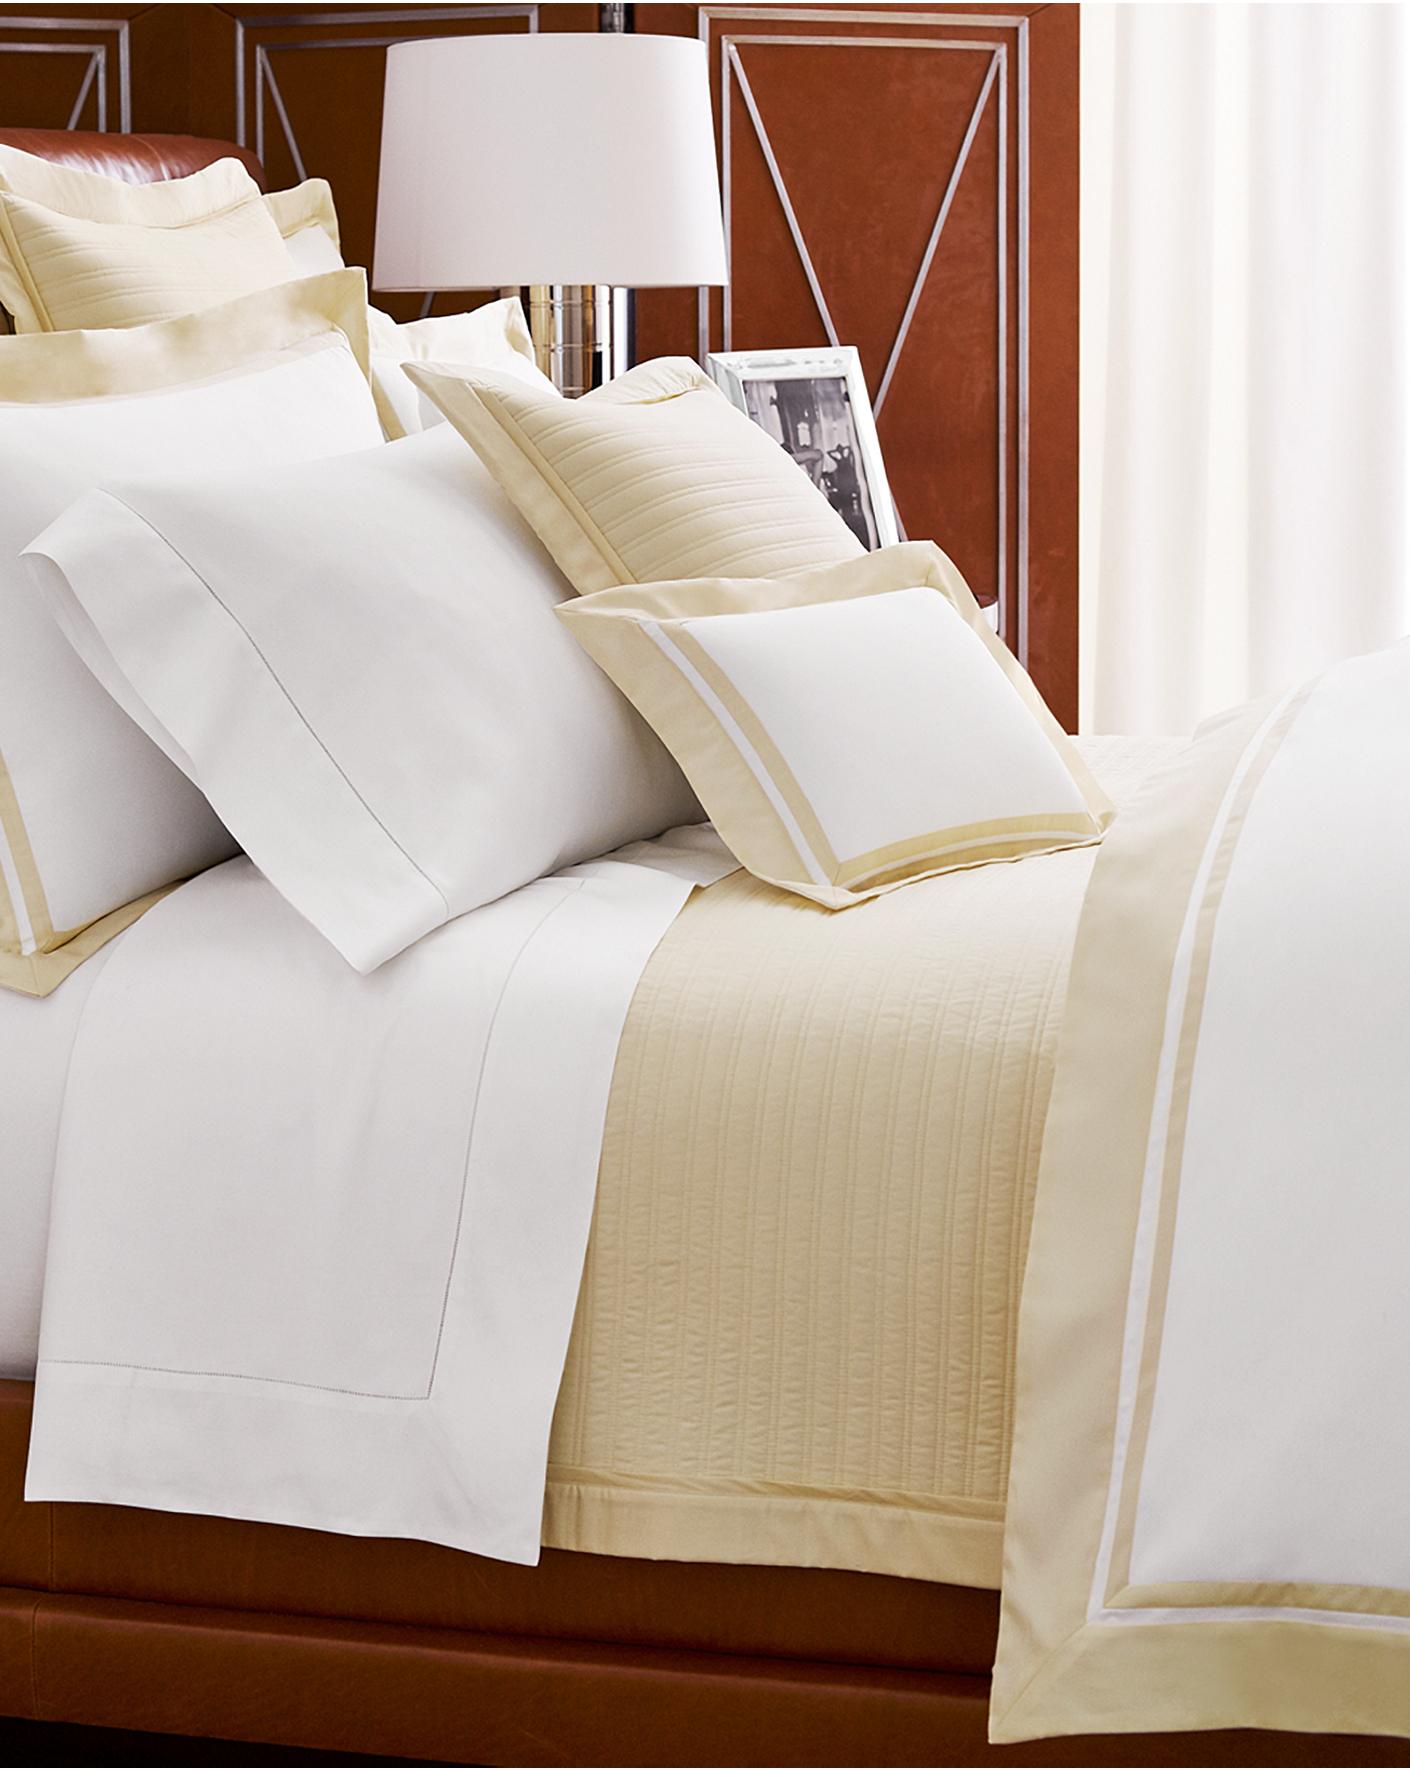 Ralph lauren home bedding - Rl Bowery Sateen Duvet Cover Ralph Lauren Home Duvets Comforters Ralphlauren Com